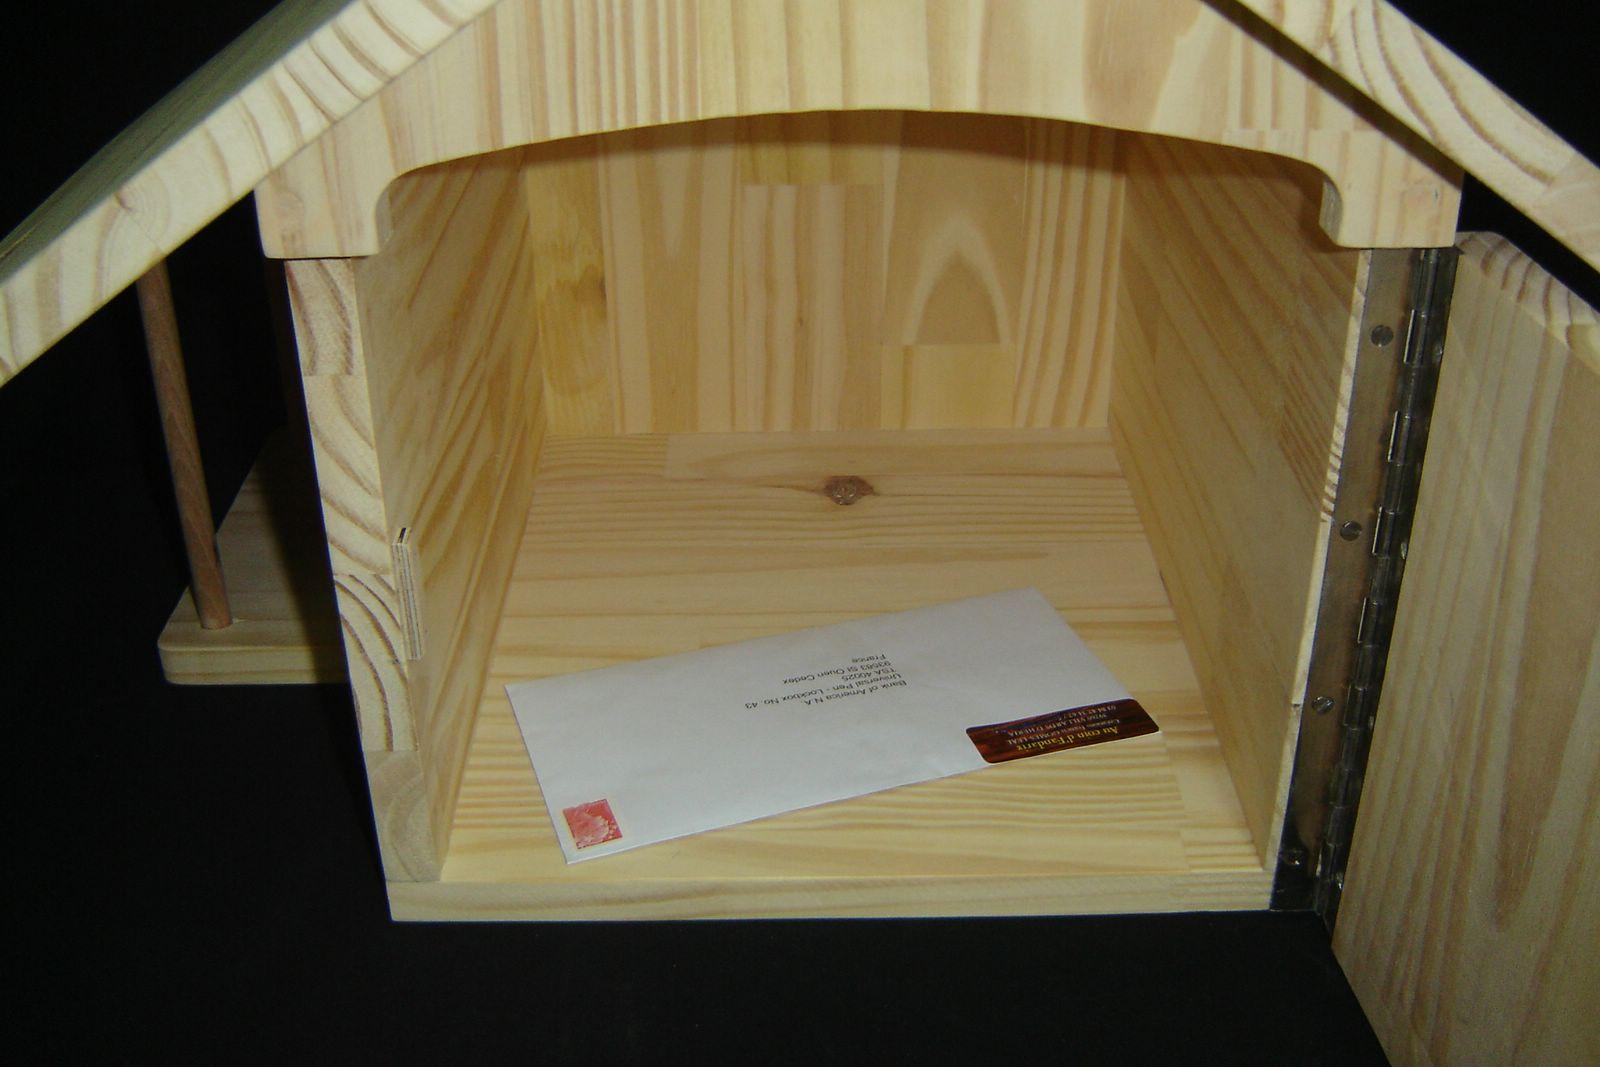 Boite Aux Lettres En Bois Leroy Merlin : de maternelle le bateau de monsieur zouglouglou chronologie